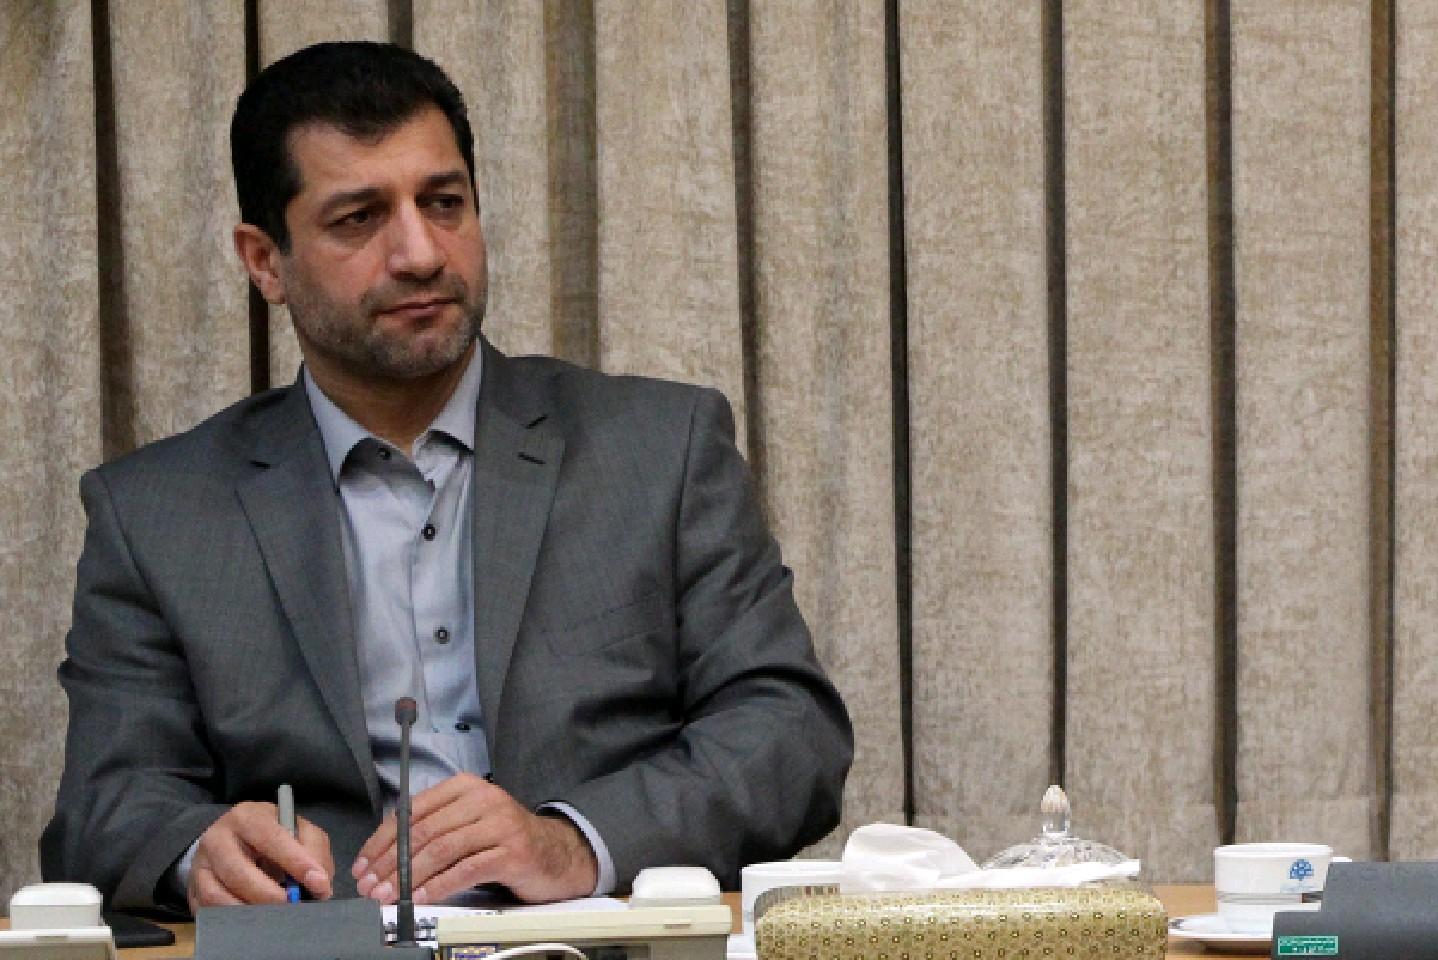 تبیین رویکردها و برنامه های جدید در صدا و سیمای آذربایجان شرقی